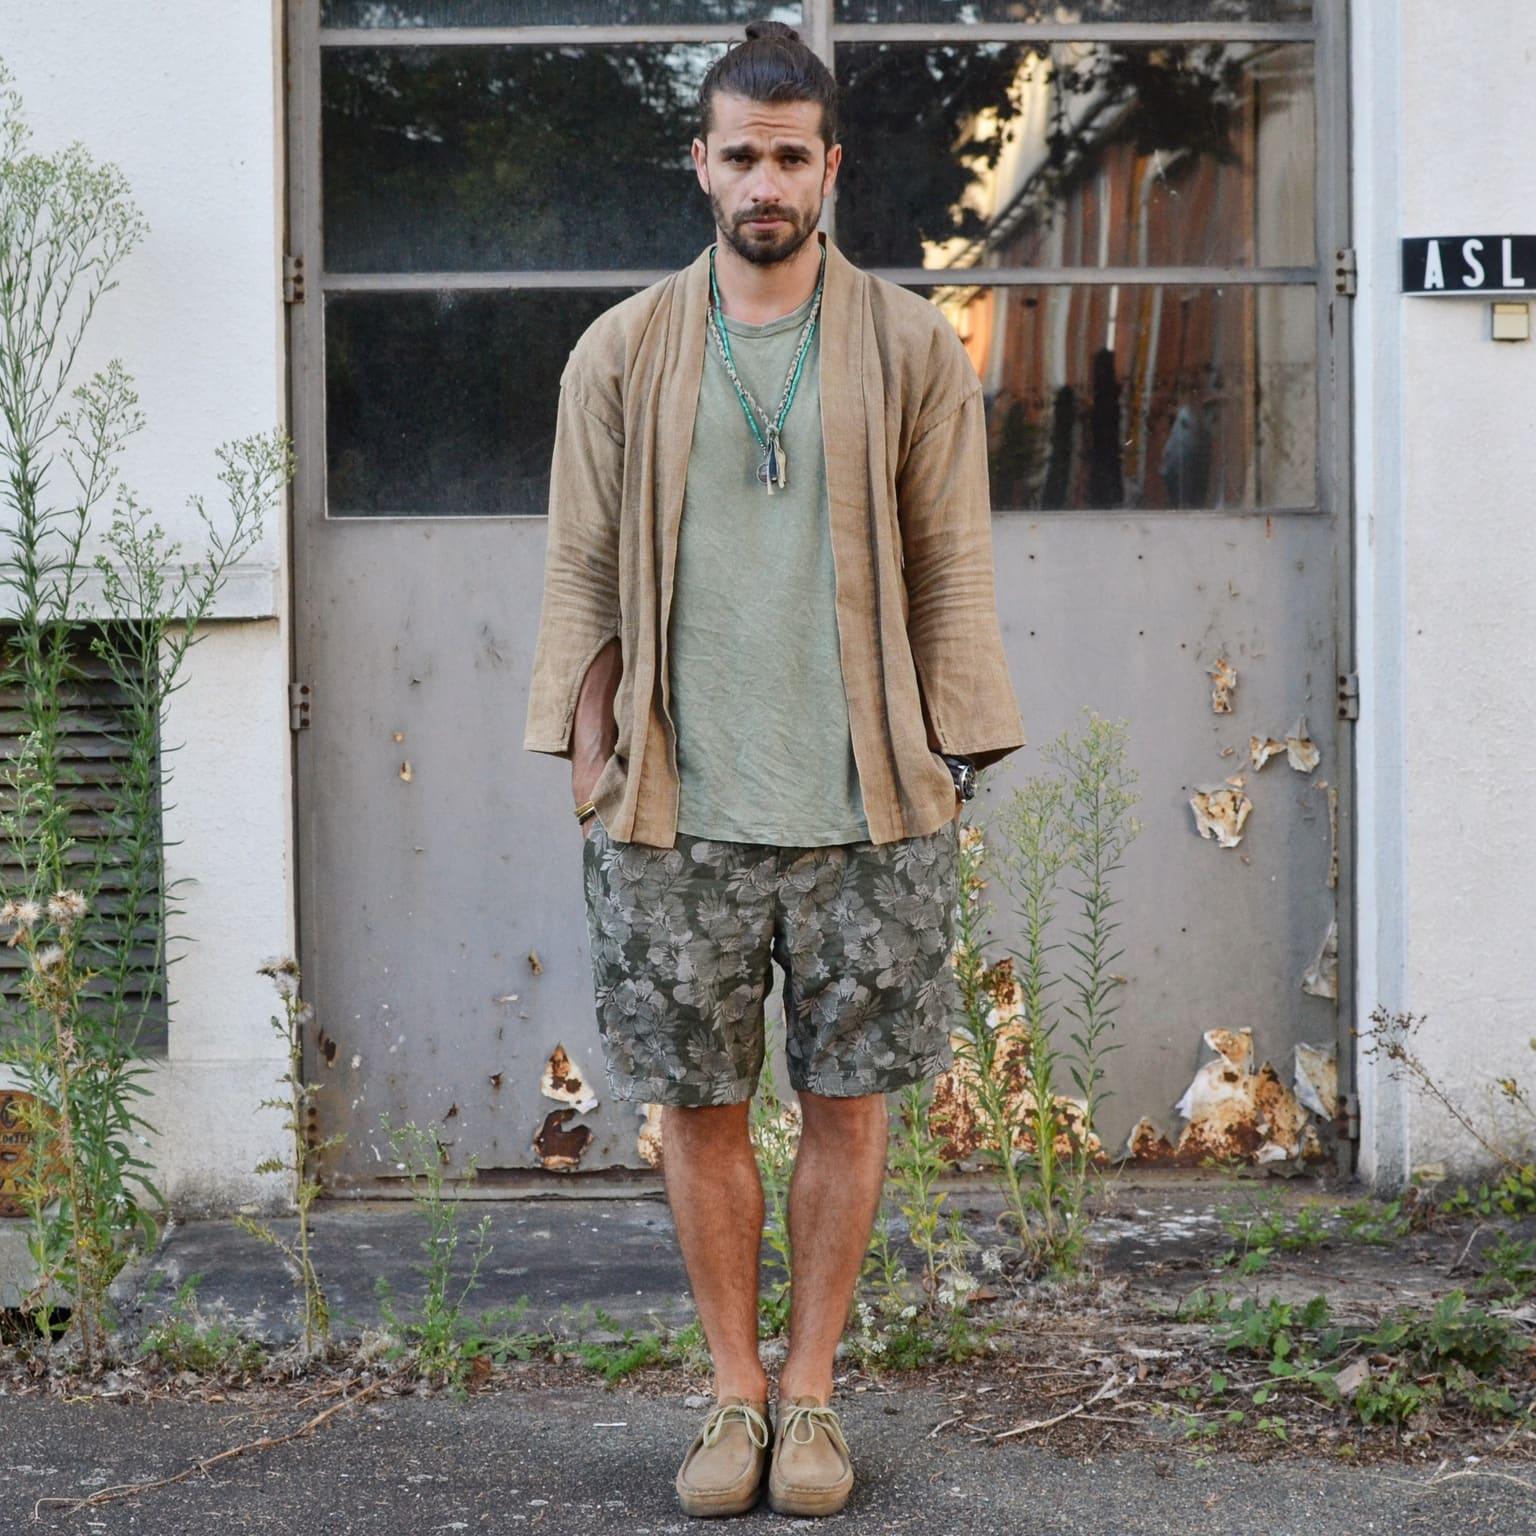 comment porter des clarks wallabee en été dan un look homme noragi